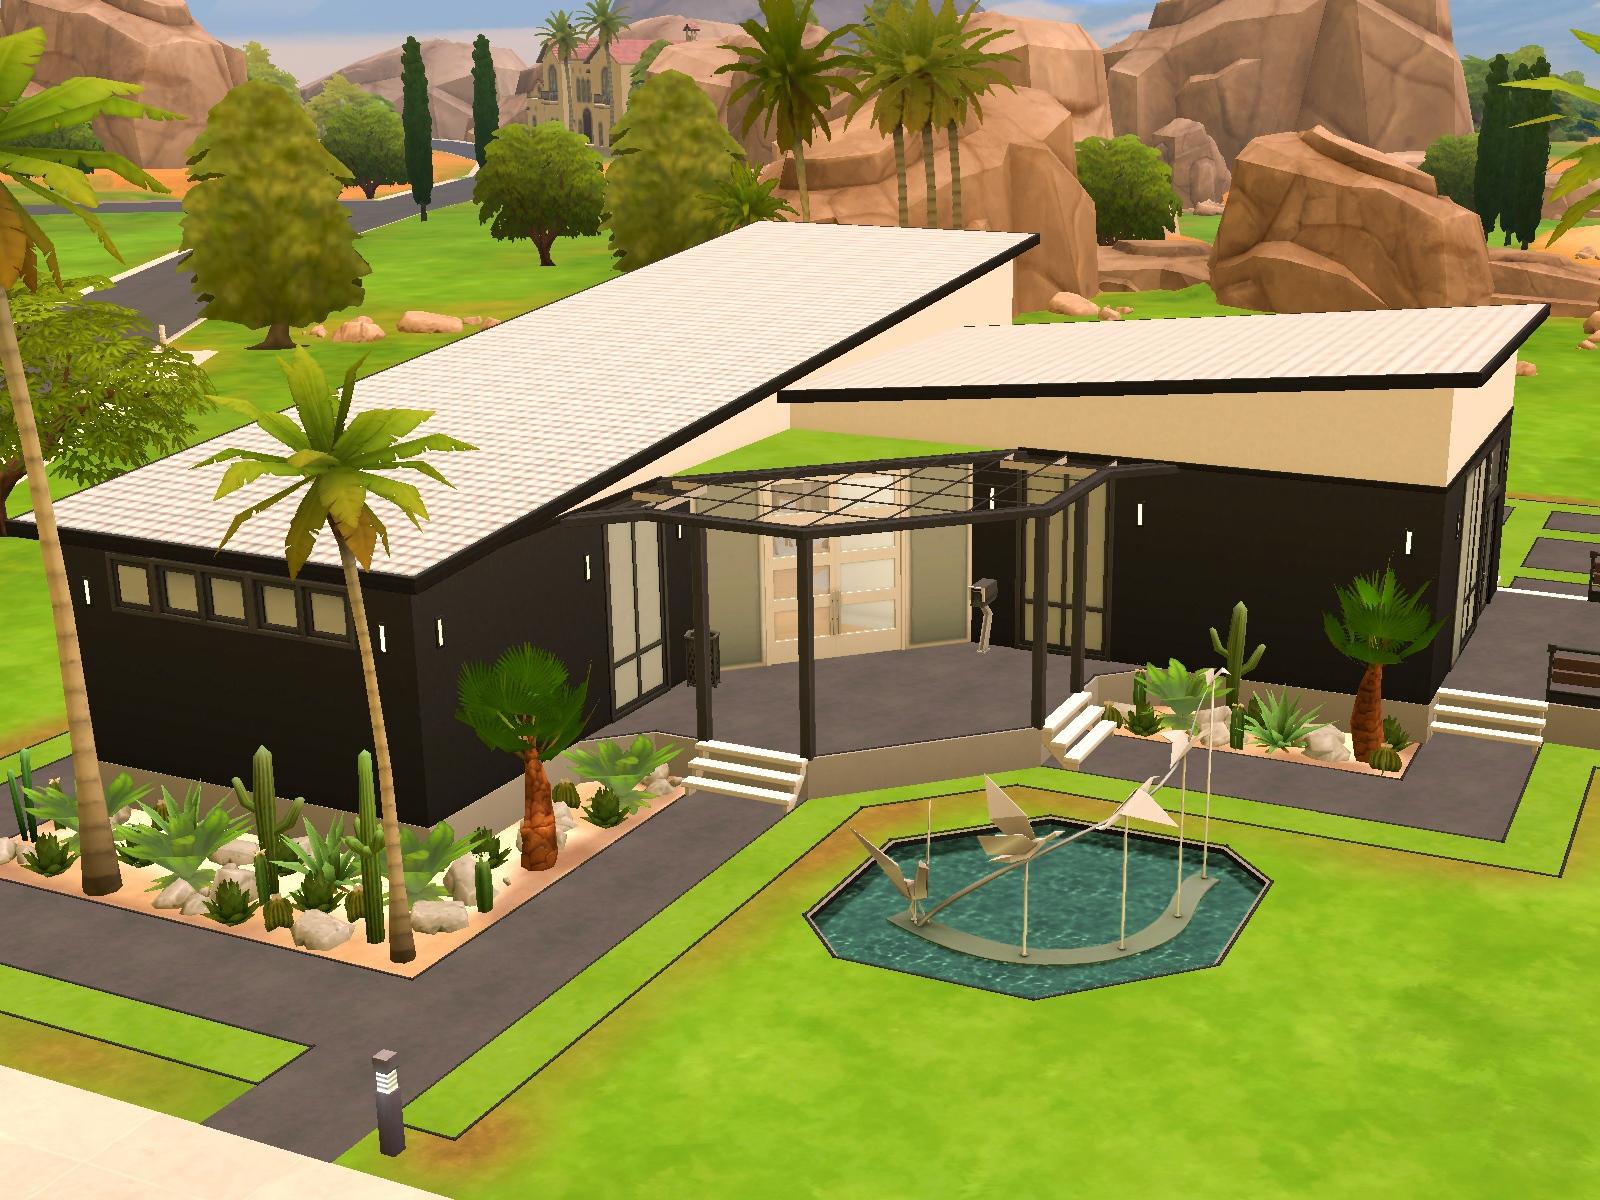 Przegląd Galerii - Domy parterowe w The Sims 4 - DOTsim